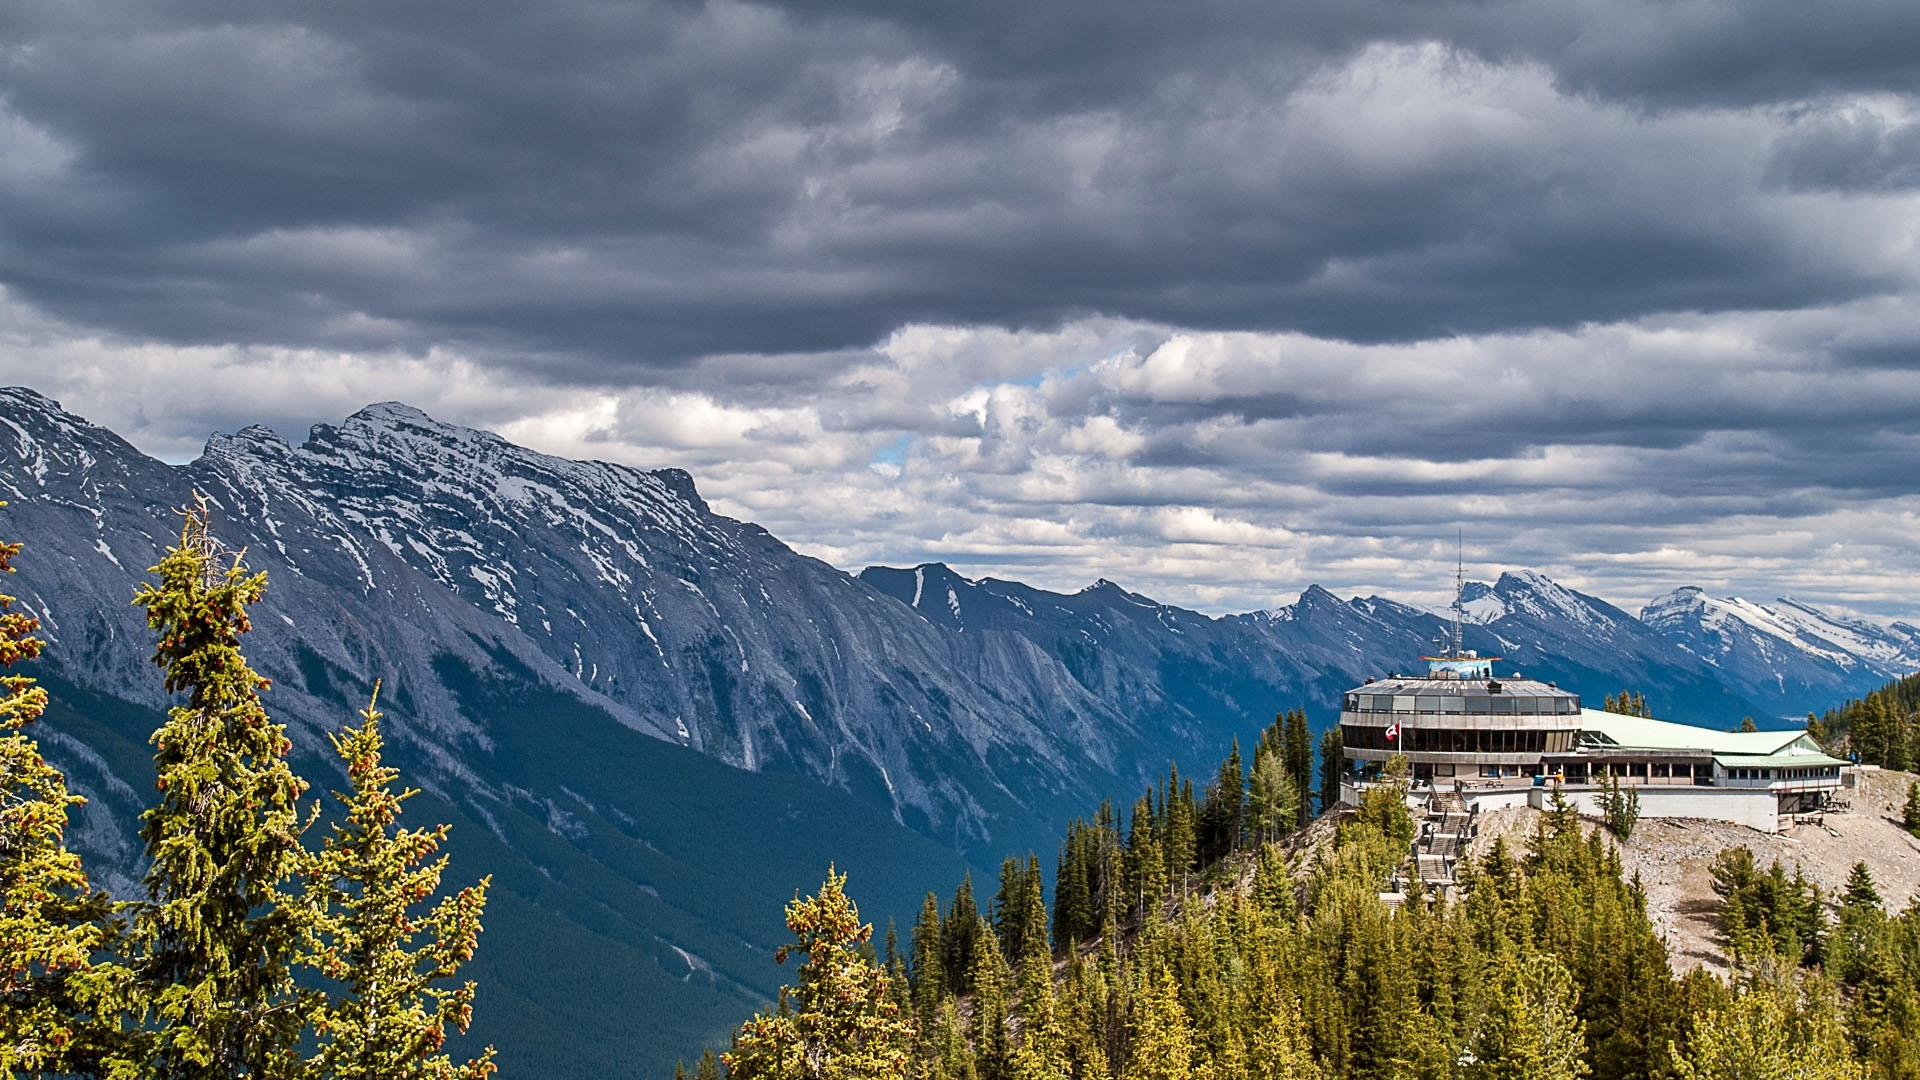 Sulphur Mountain, Alberta, Canada